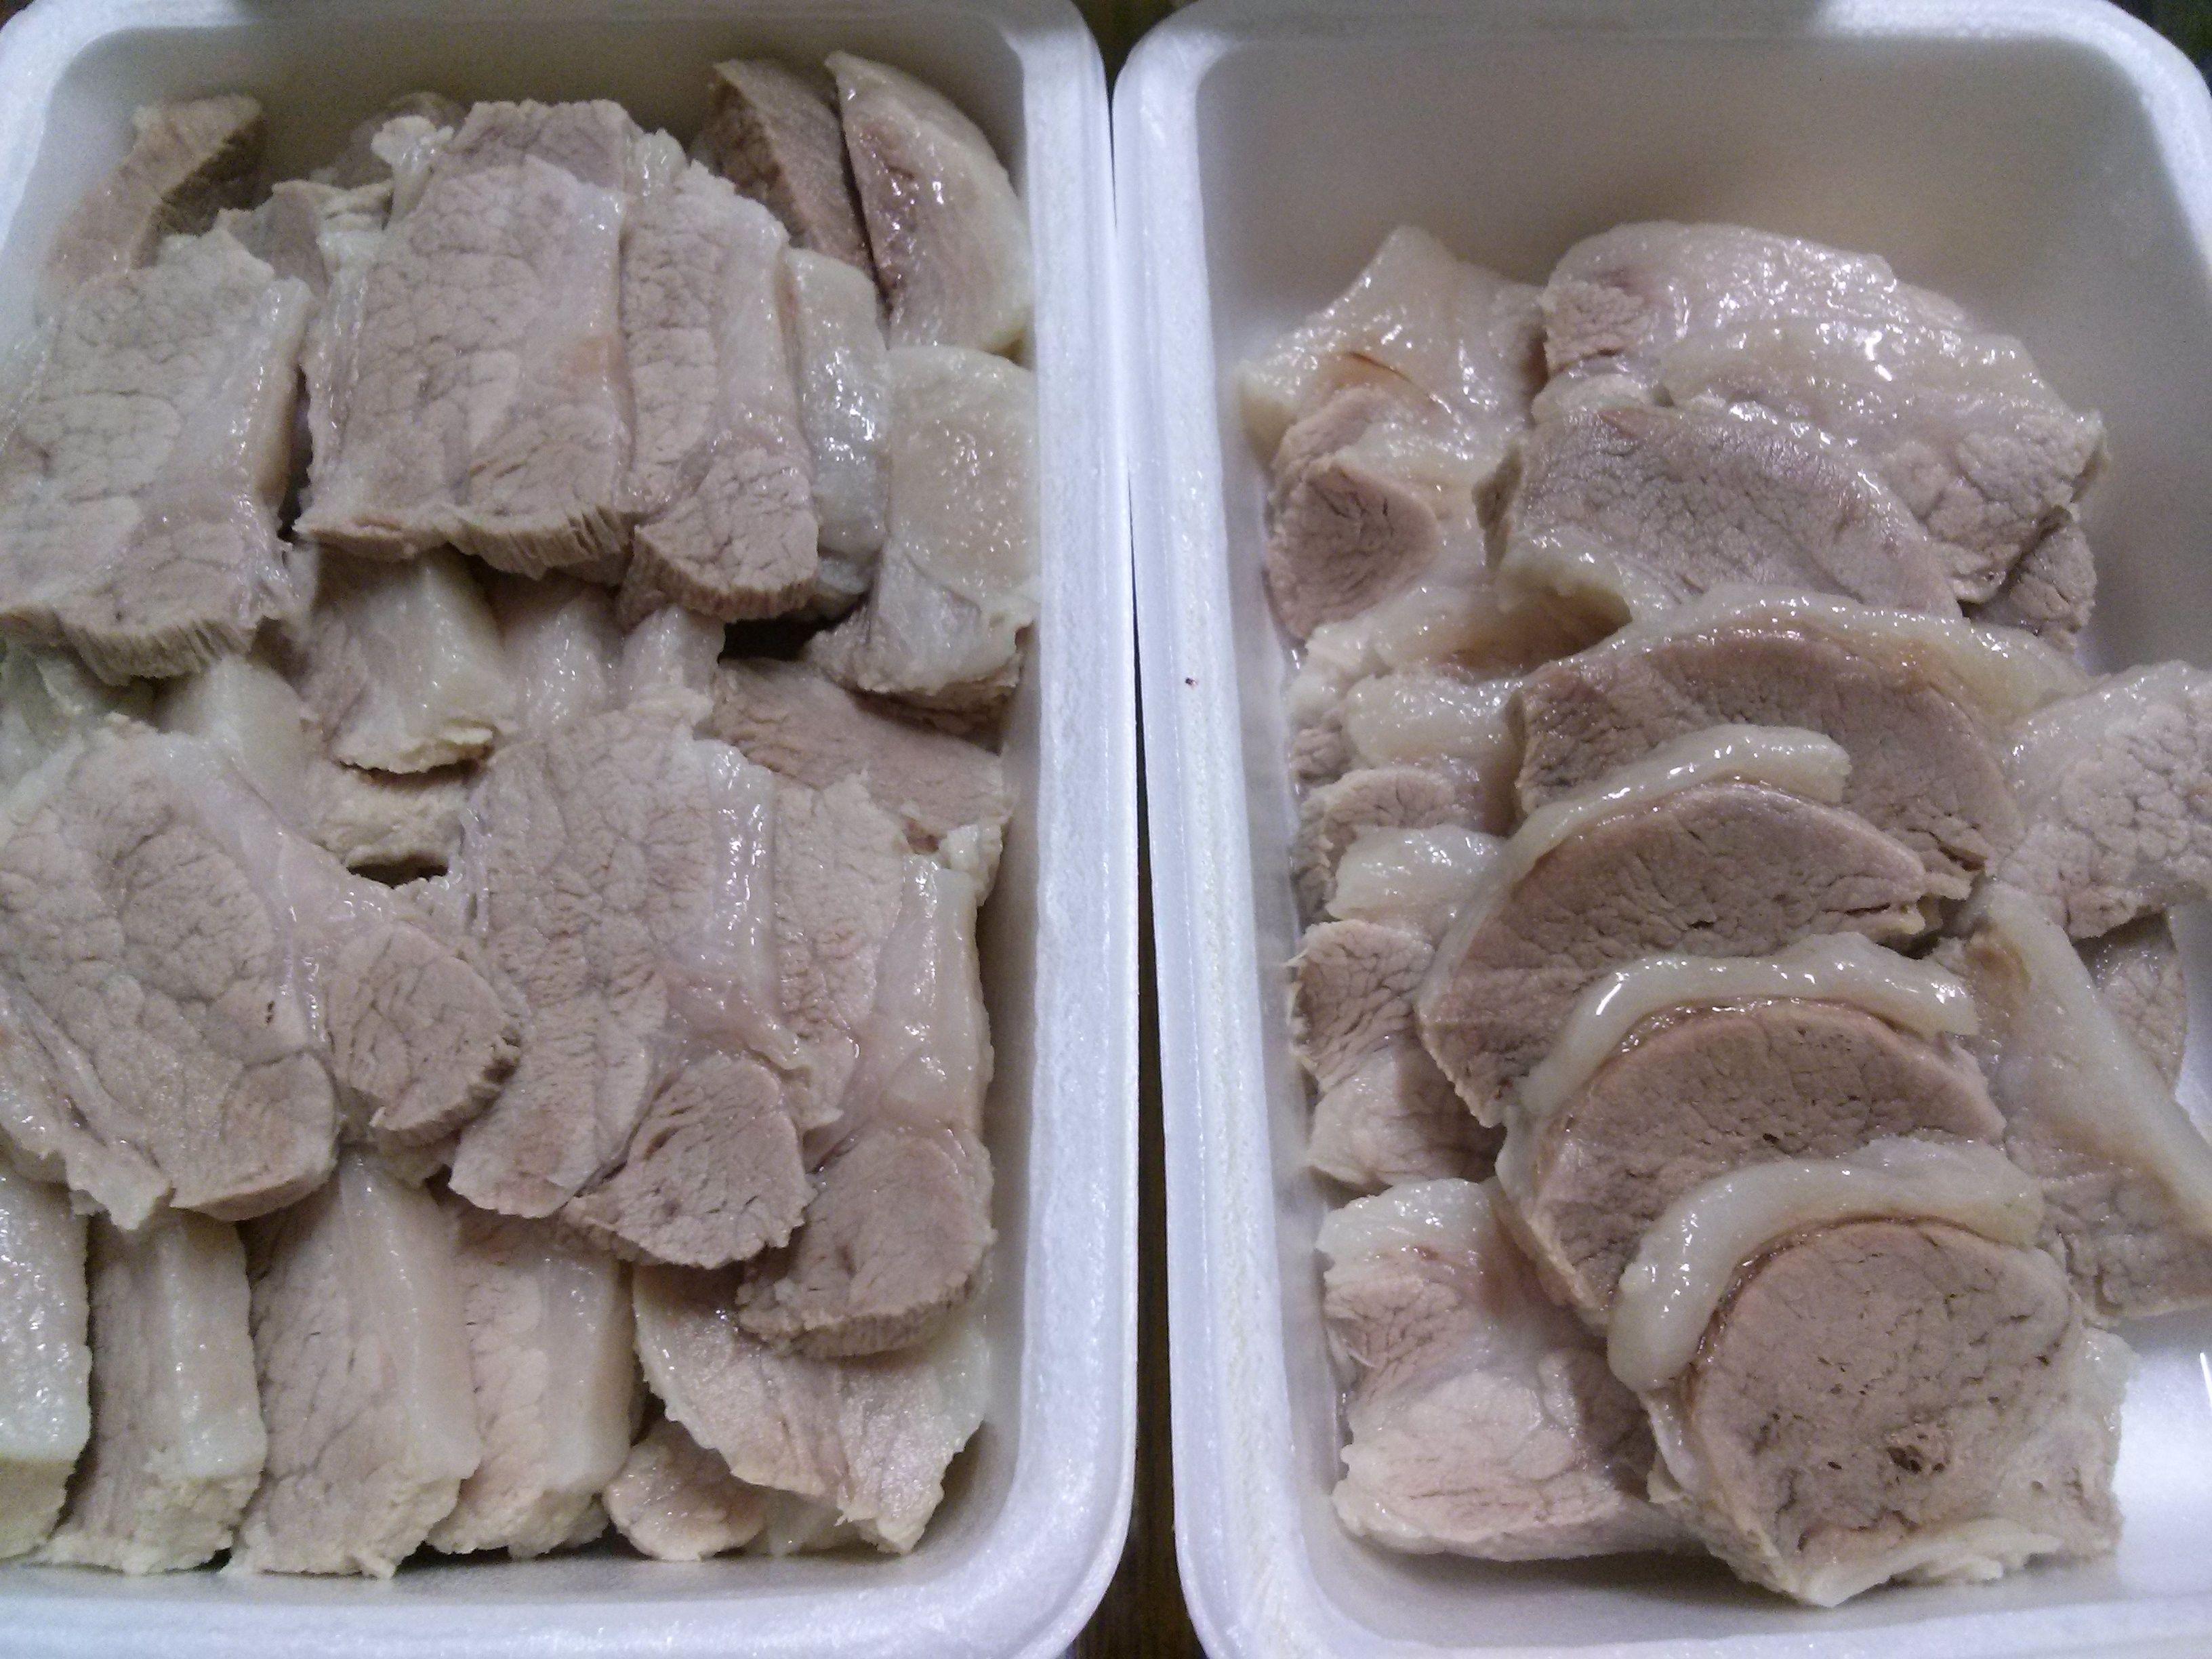 수육(Boiled Beef or Pork Slices). 일반적으로 양념 간장(soy sauce)에 찍어 먹거나 김치와 곁들여 먹기도 한다.